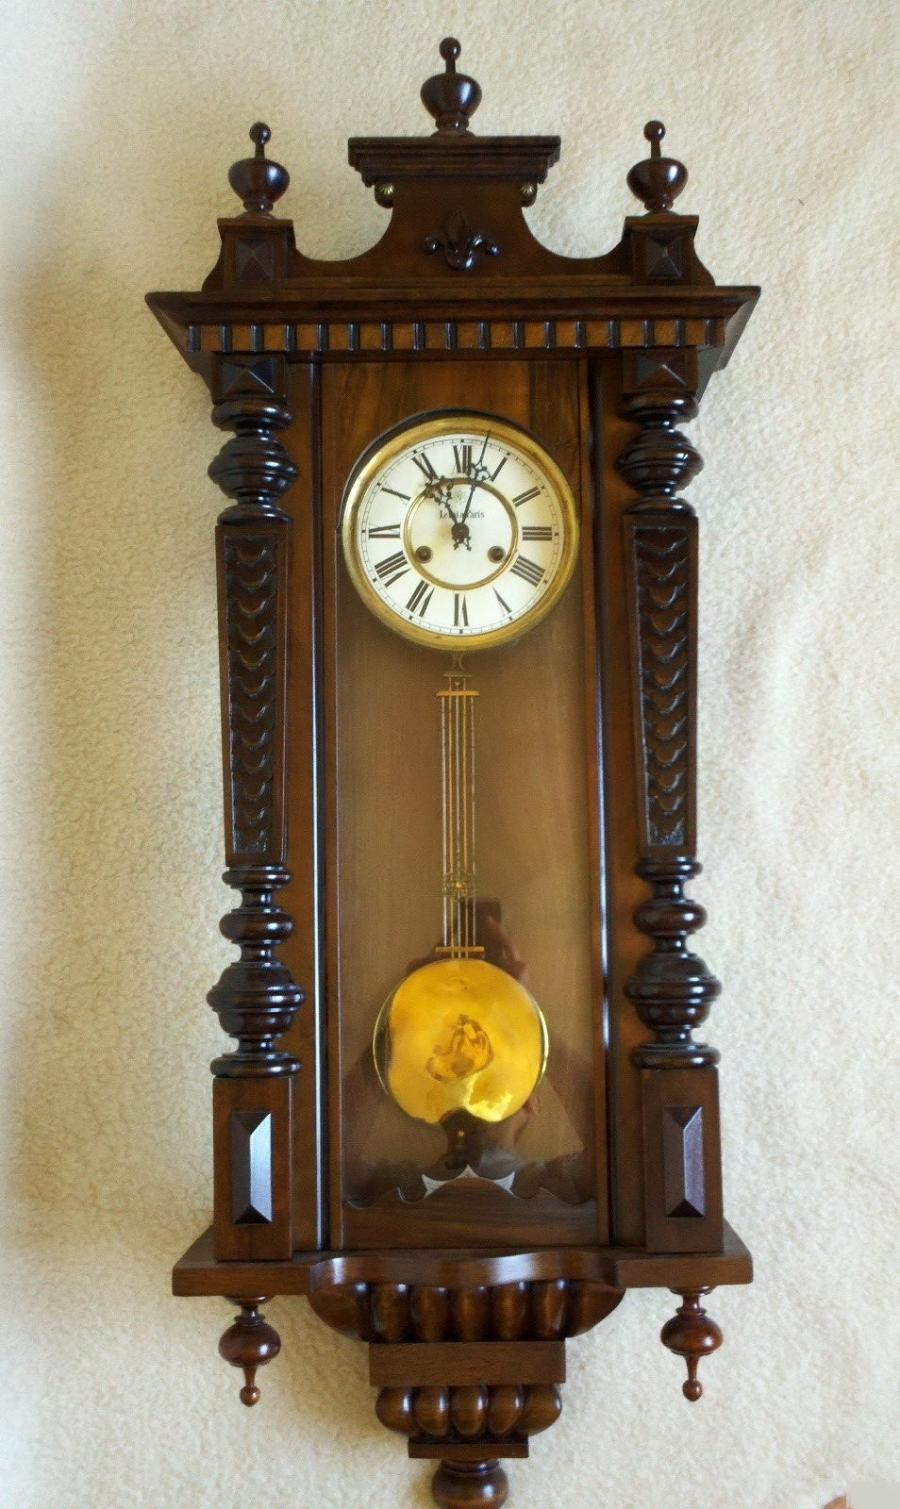 Продать с часы боем старинные настенные продать в можно харькове часы где